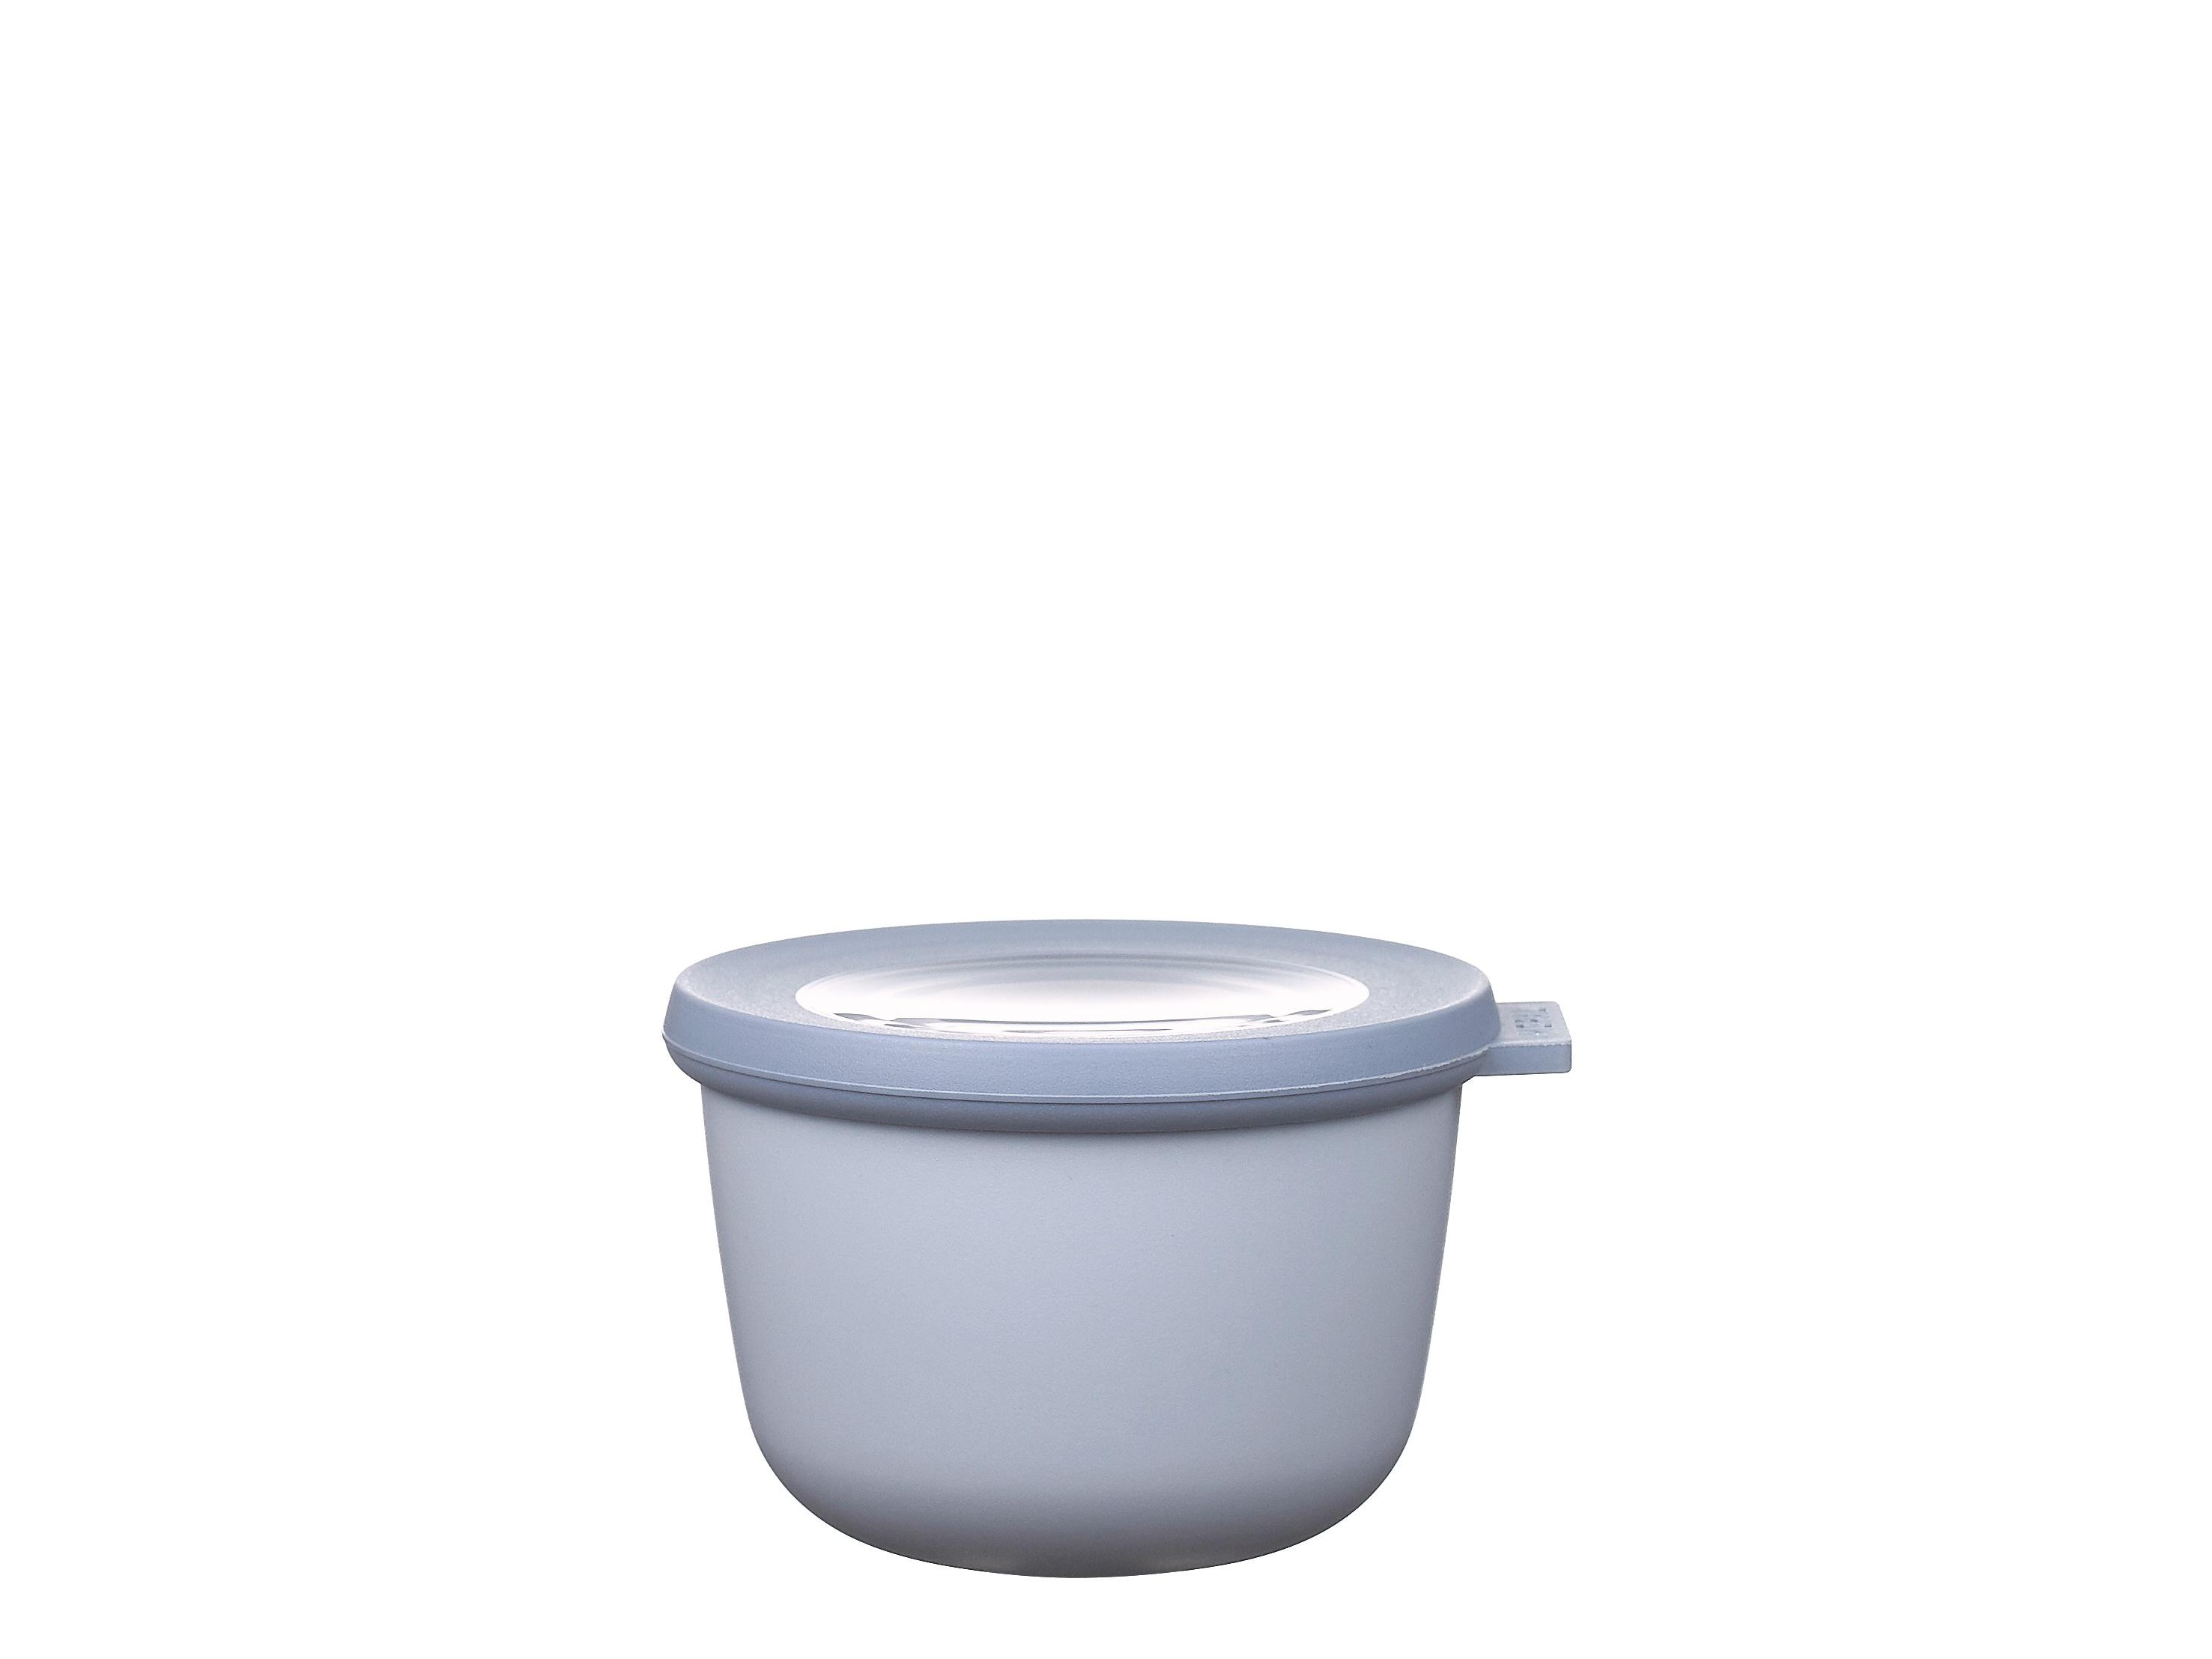 Mepal Cirqula skål med låg